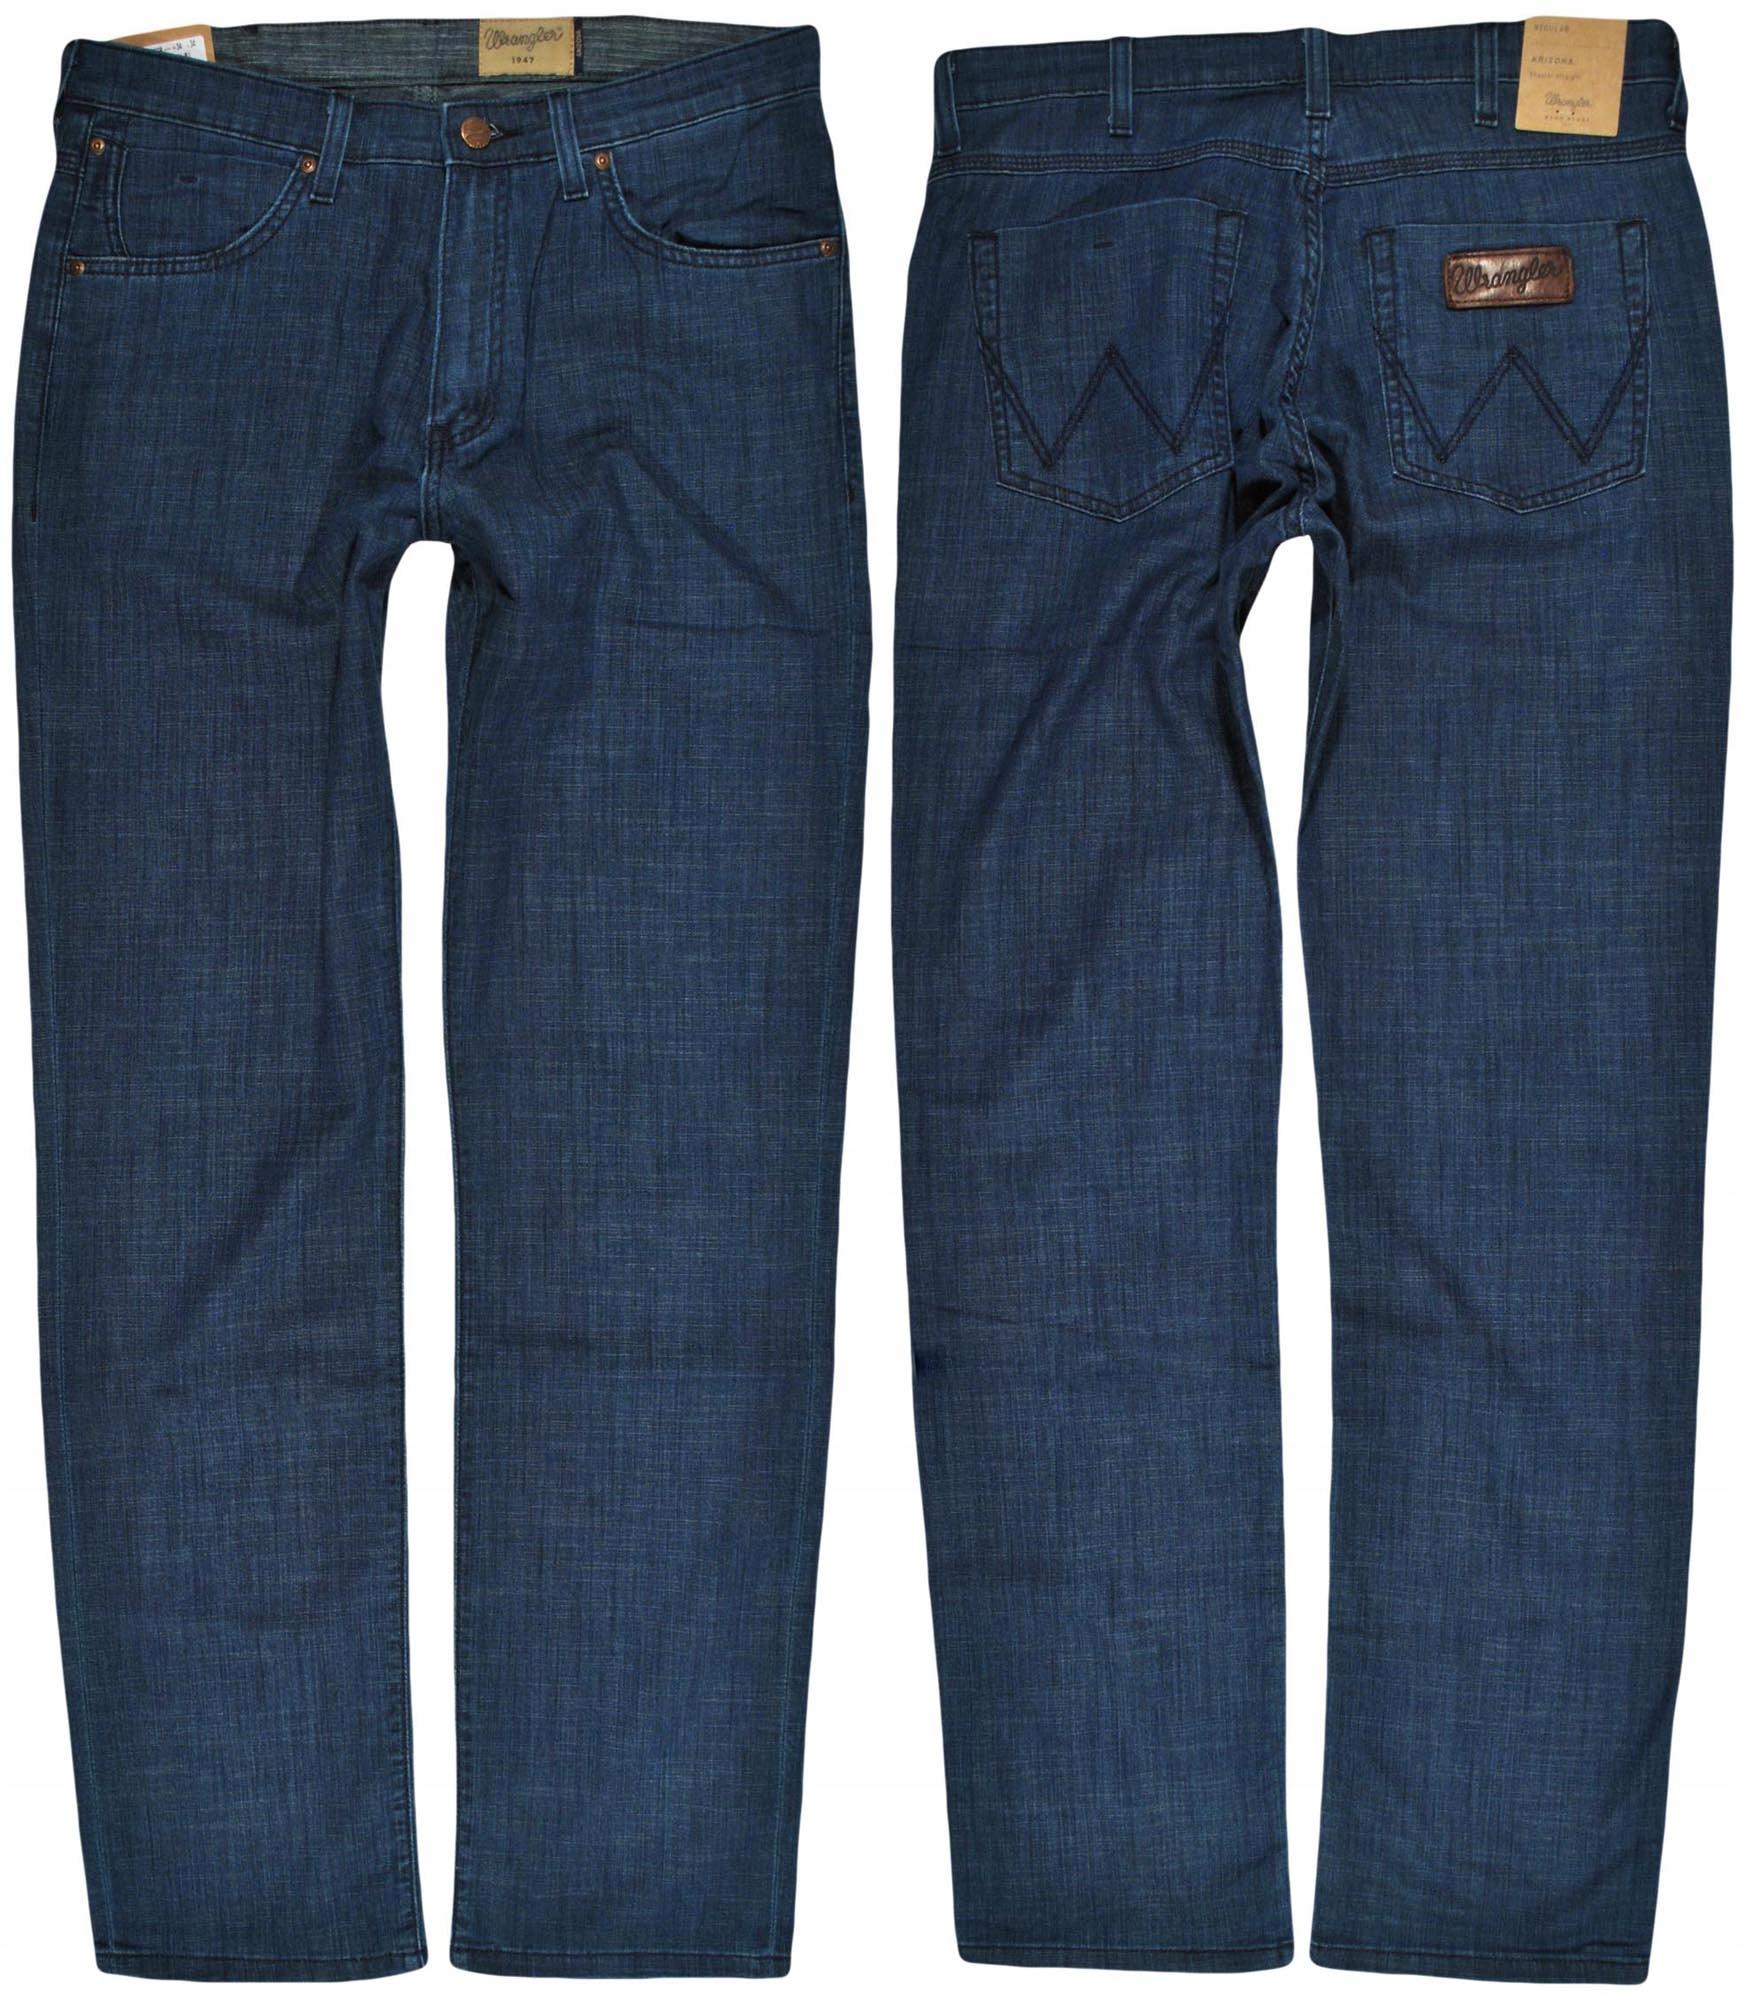 WRANGLER spodnie regular ARIZONA STRETCH W35 L32